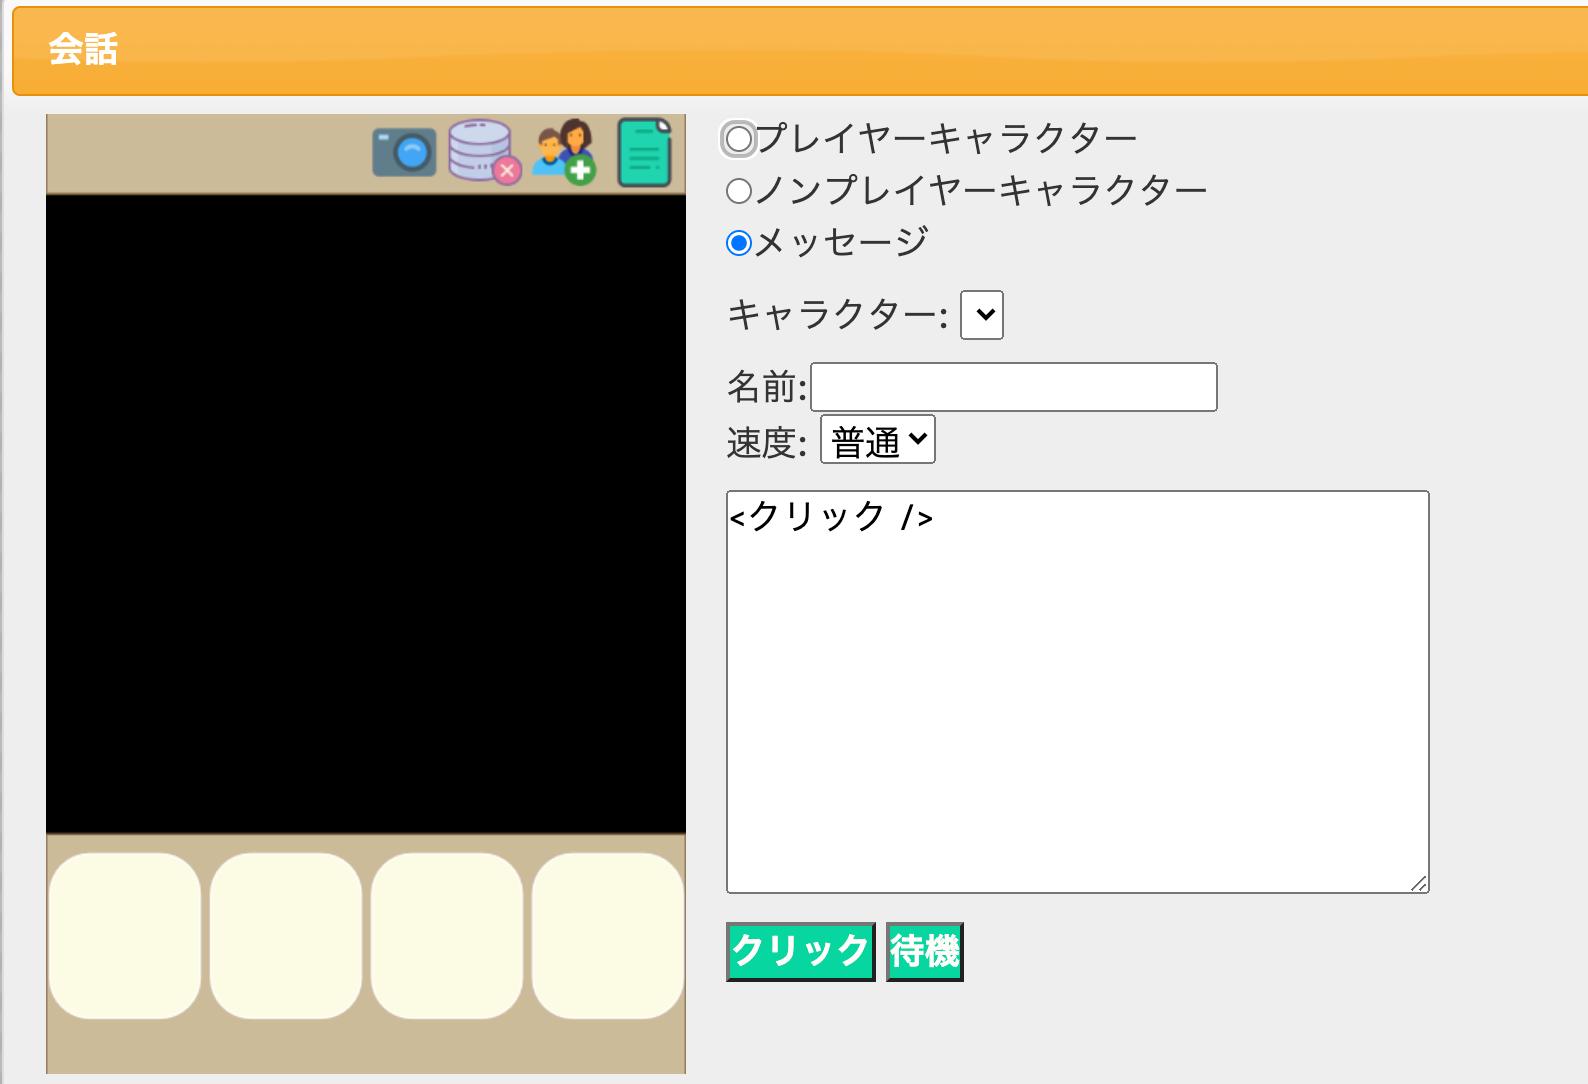 スクリーンショット 2020-06-28 10.42.16.png